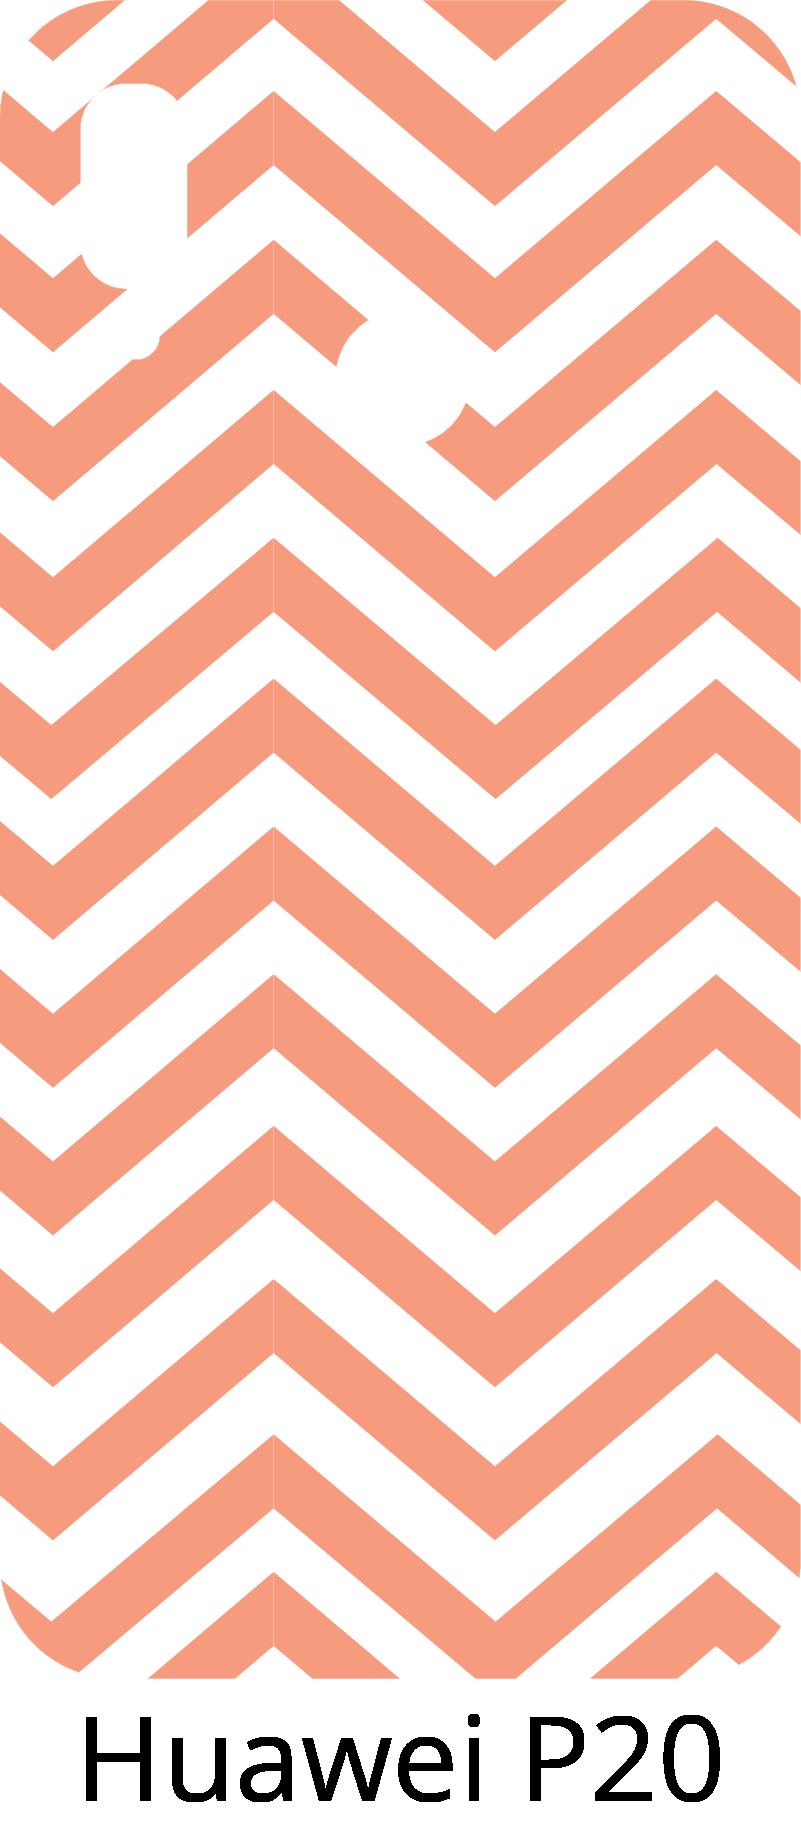 TenStickers. Zic-zac lijnen huawei zelfklevende sticker. Deze huawei-zelfklevende sticker staat voor enkele zic-zac-lijnen in witte en roze kleuren.  Een decoratiesticker die perfect is voor de achterkant van uw huawei mobiele telefoon.